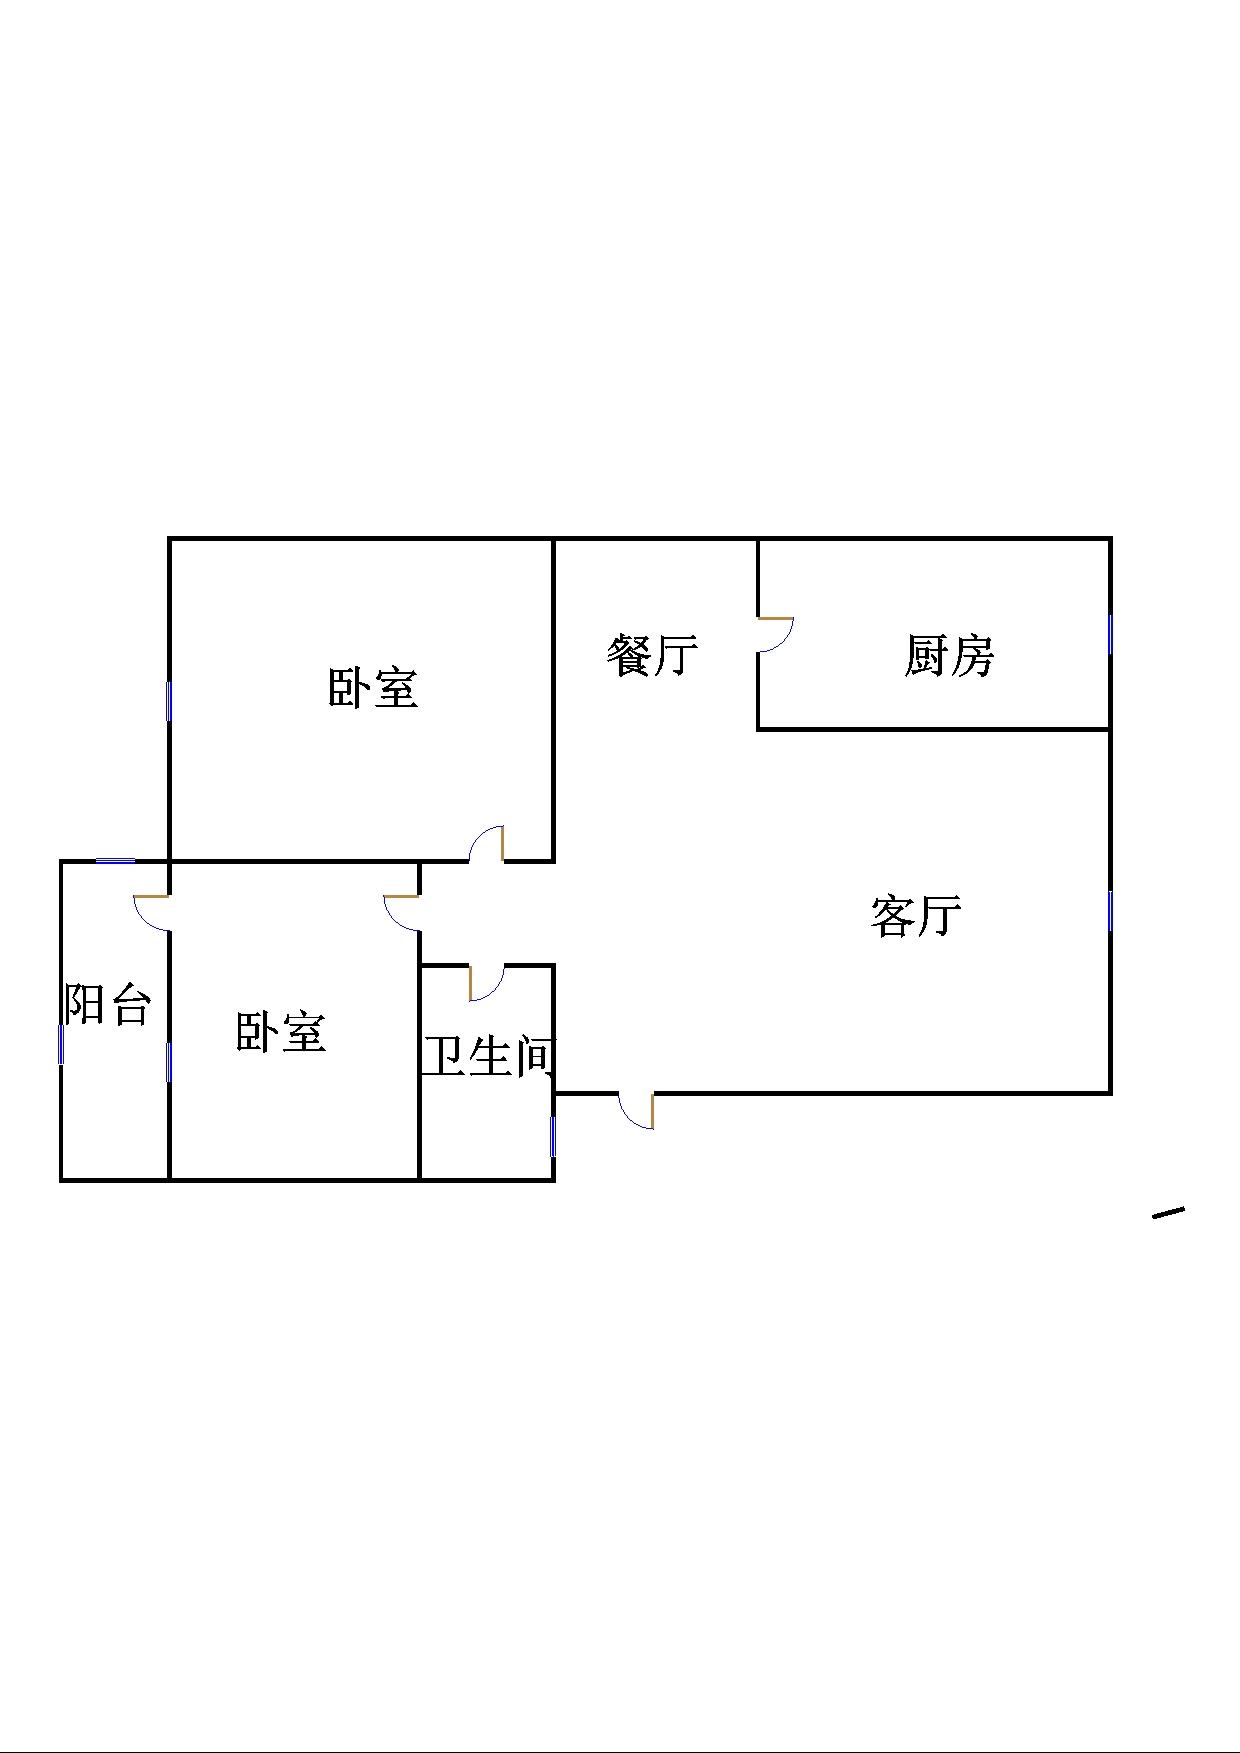 西长新村 2室2厅 双证齐全 精装 36万